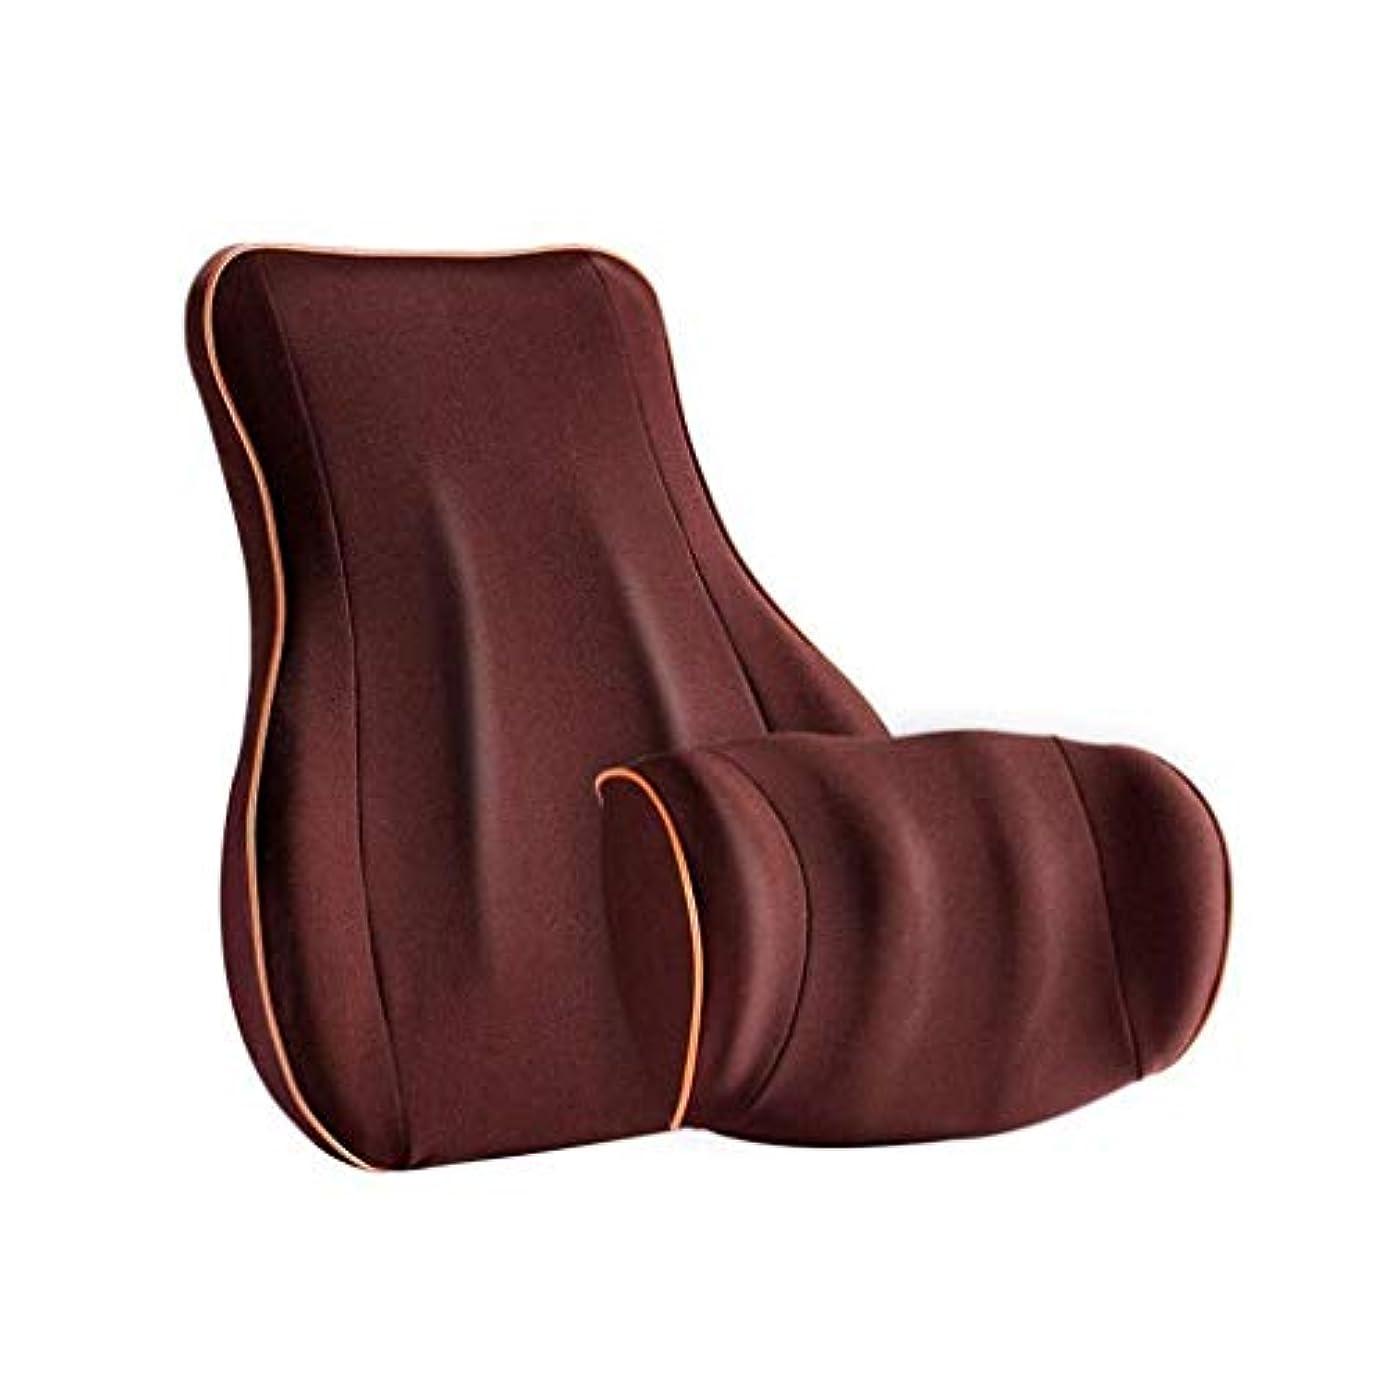 嫌い謝罪操縦する腰椎枕と首の枕、腰椎サポート枕低反発コットン、人間工学に基づいた低反発フォームのデザイン、腰と首の疲れや痛みを軽減?防止する、長距離運転オフィスに最適 (Color : Brown)